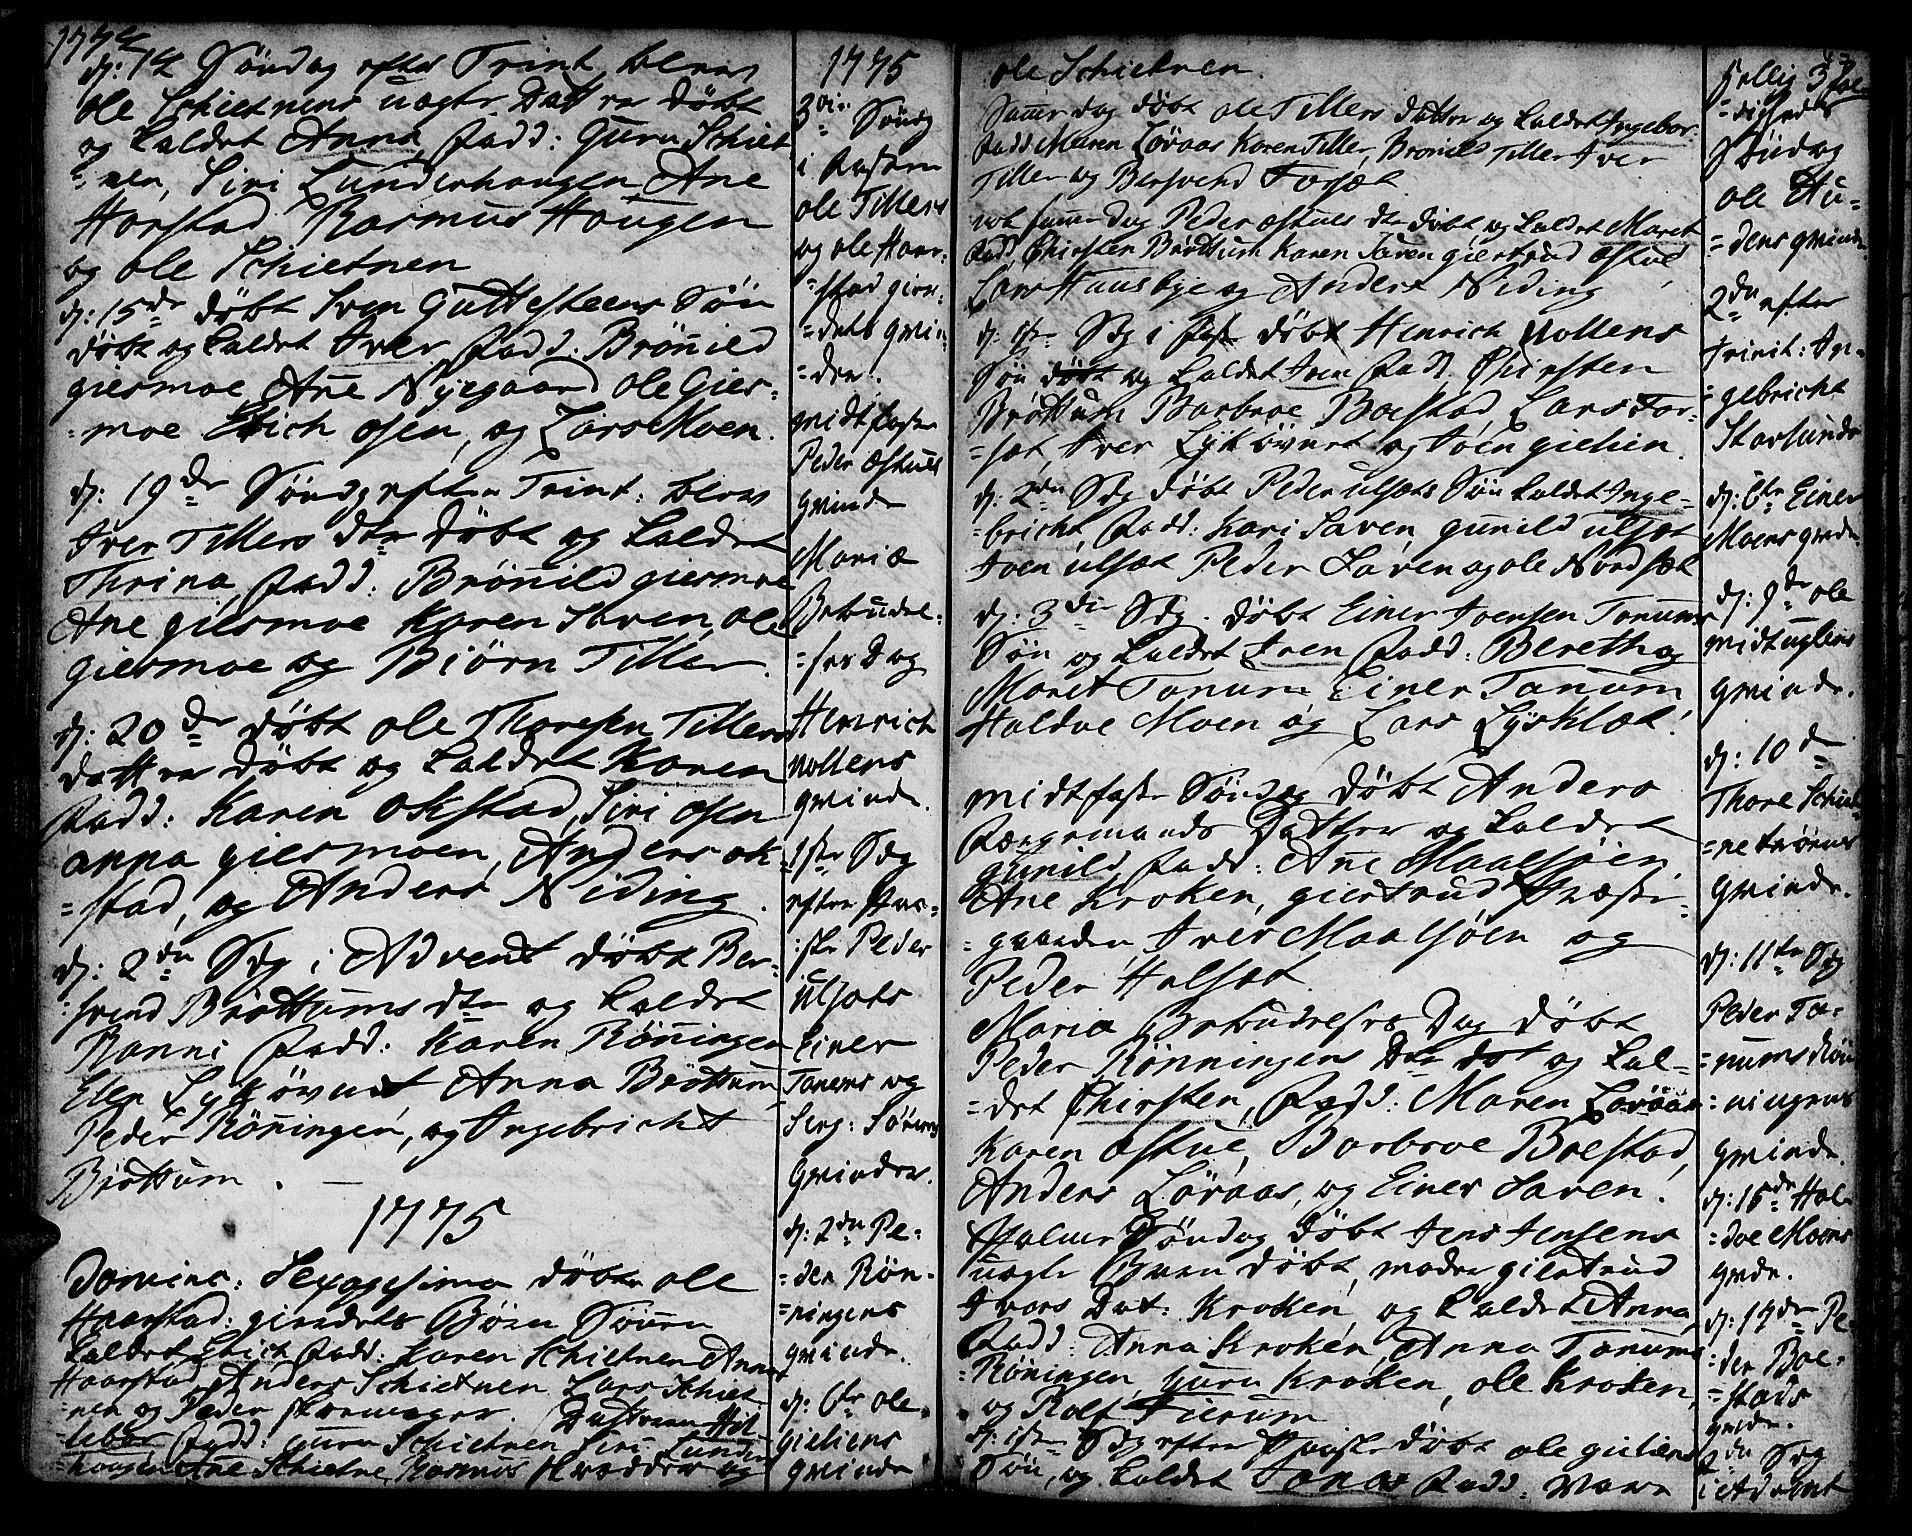 SAT, Ministerialprotokoller, klokkerbøker og fødselsregistre - Sør-Trøndelag, 618/L0437: Ministerialbok nr. 618A02, 1749-1782, s. 47